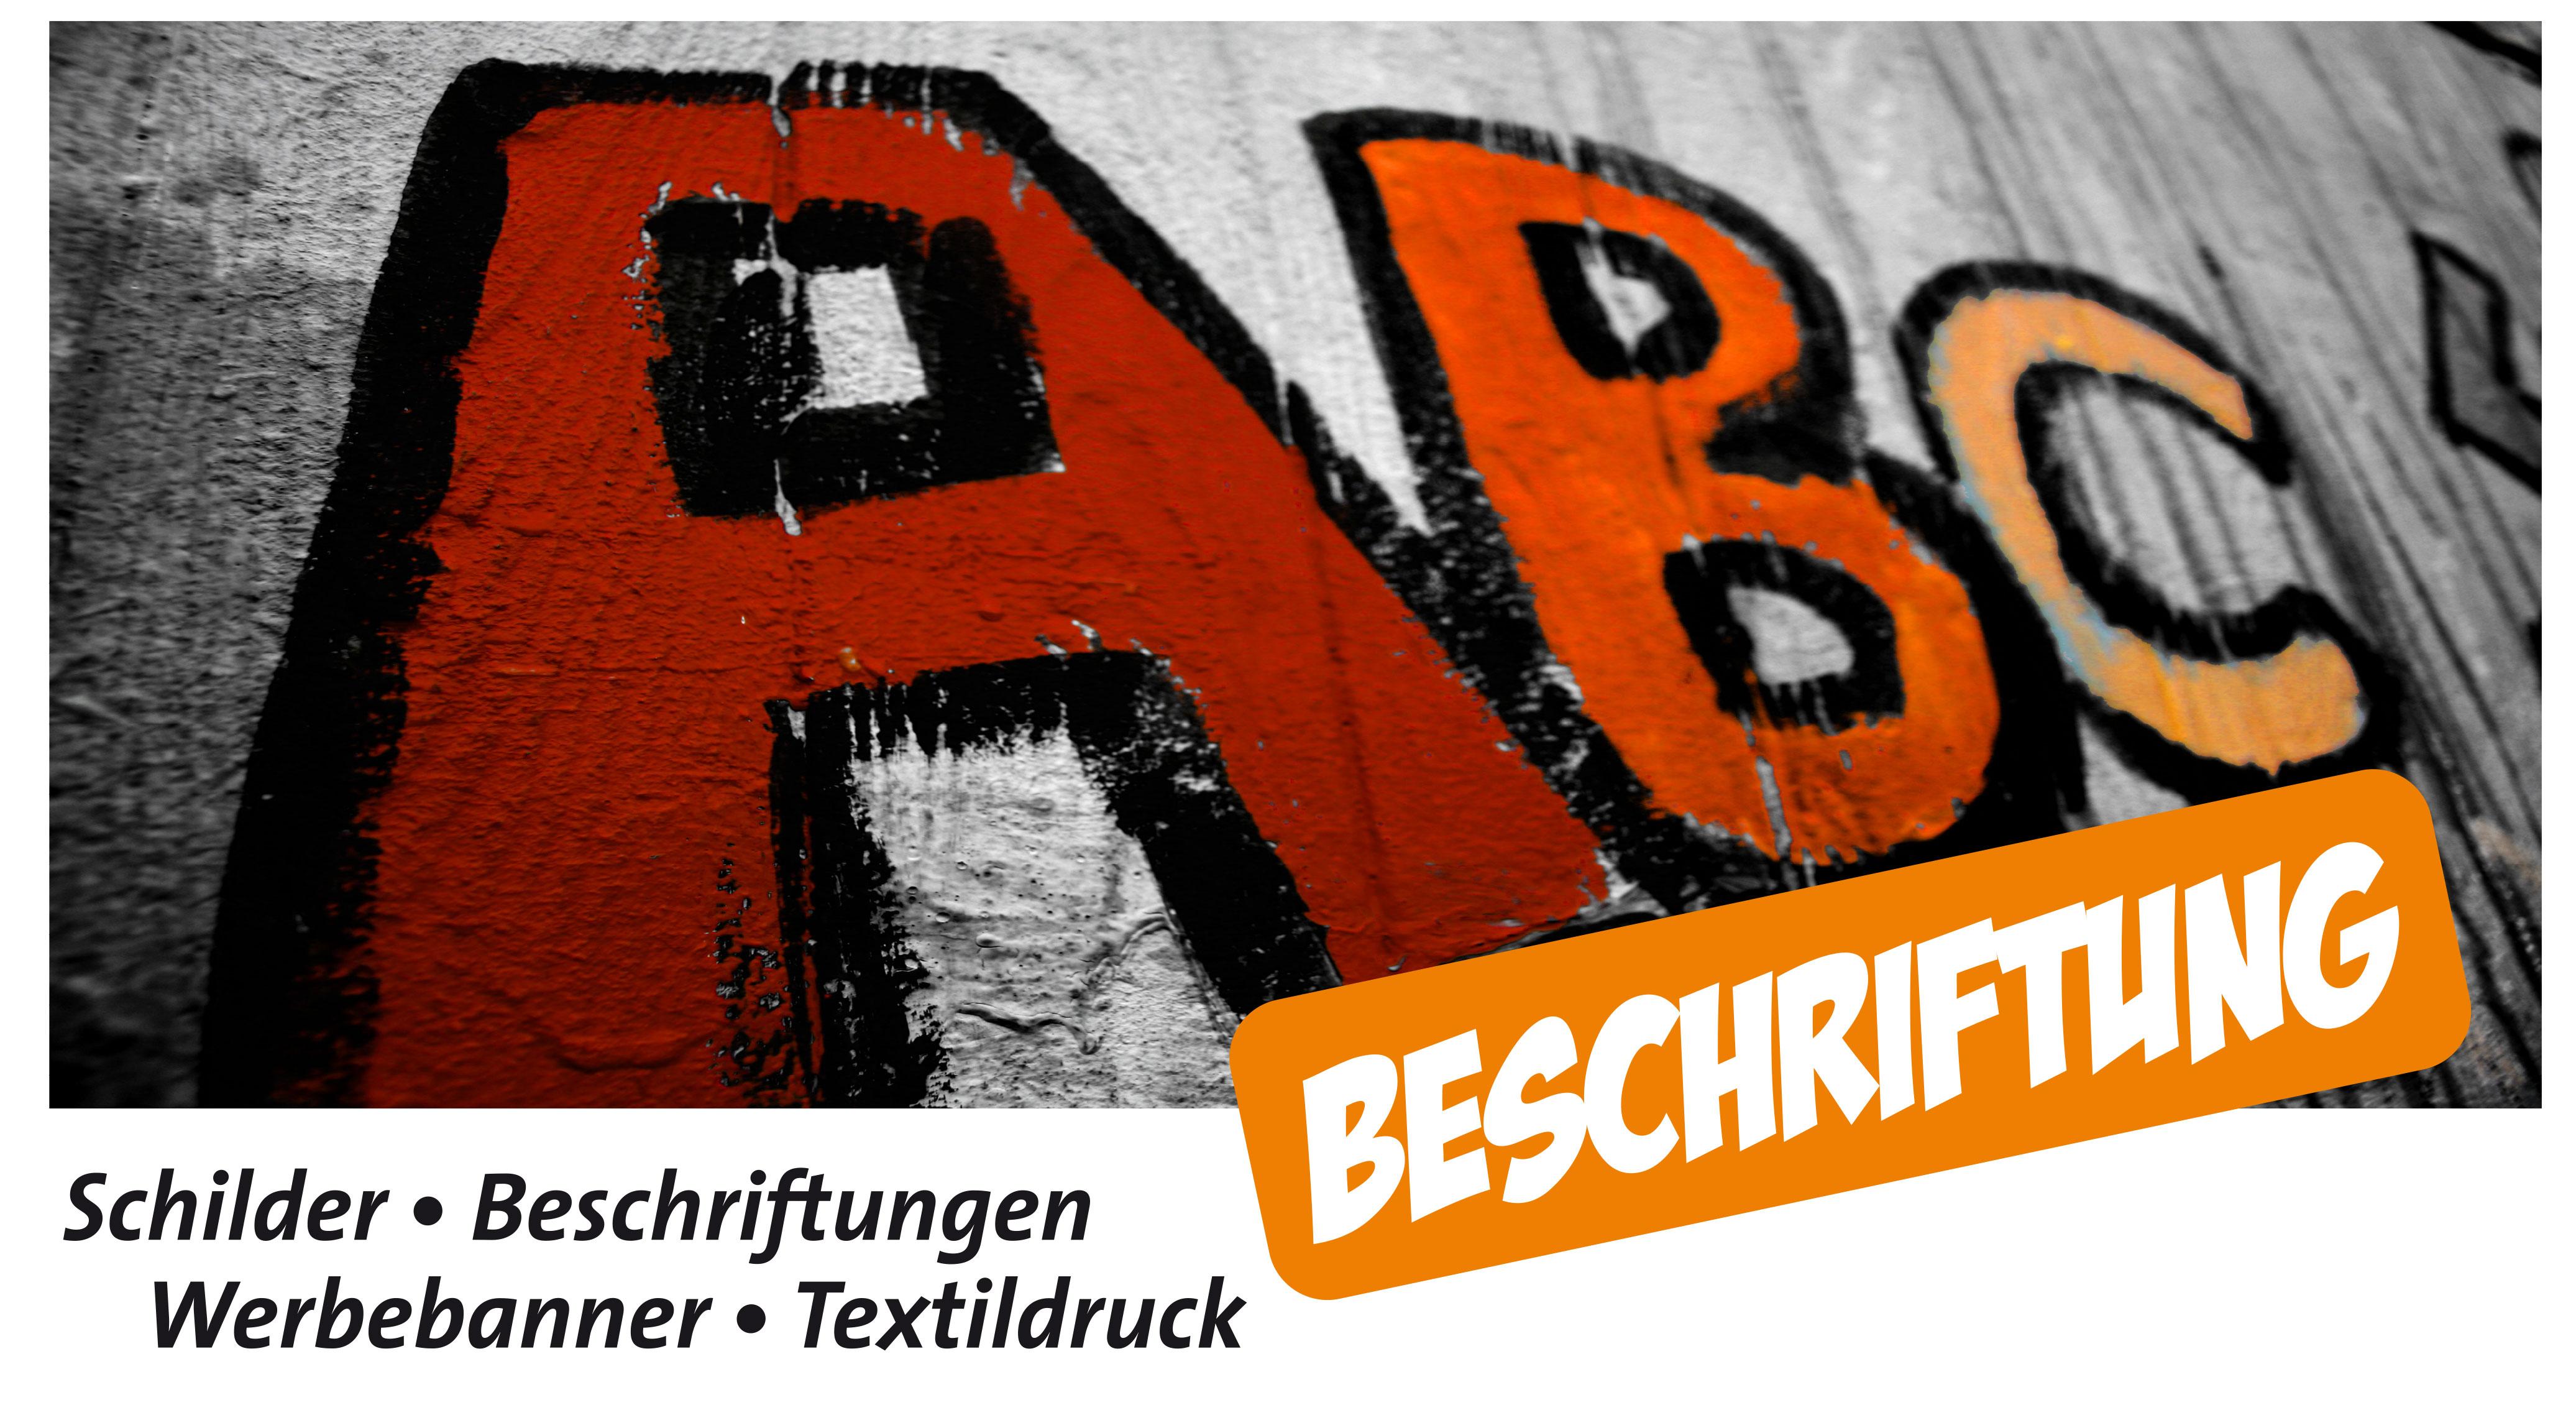 ABC Werbeparter – ABC Beschriftung Logo